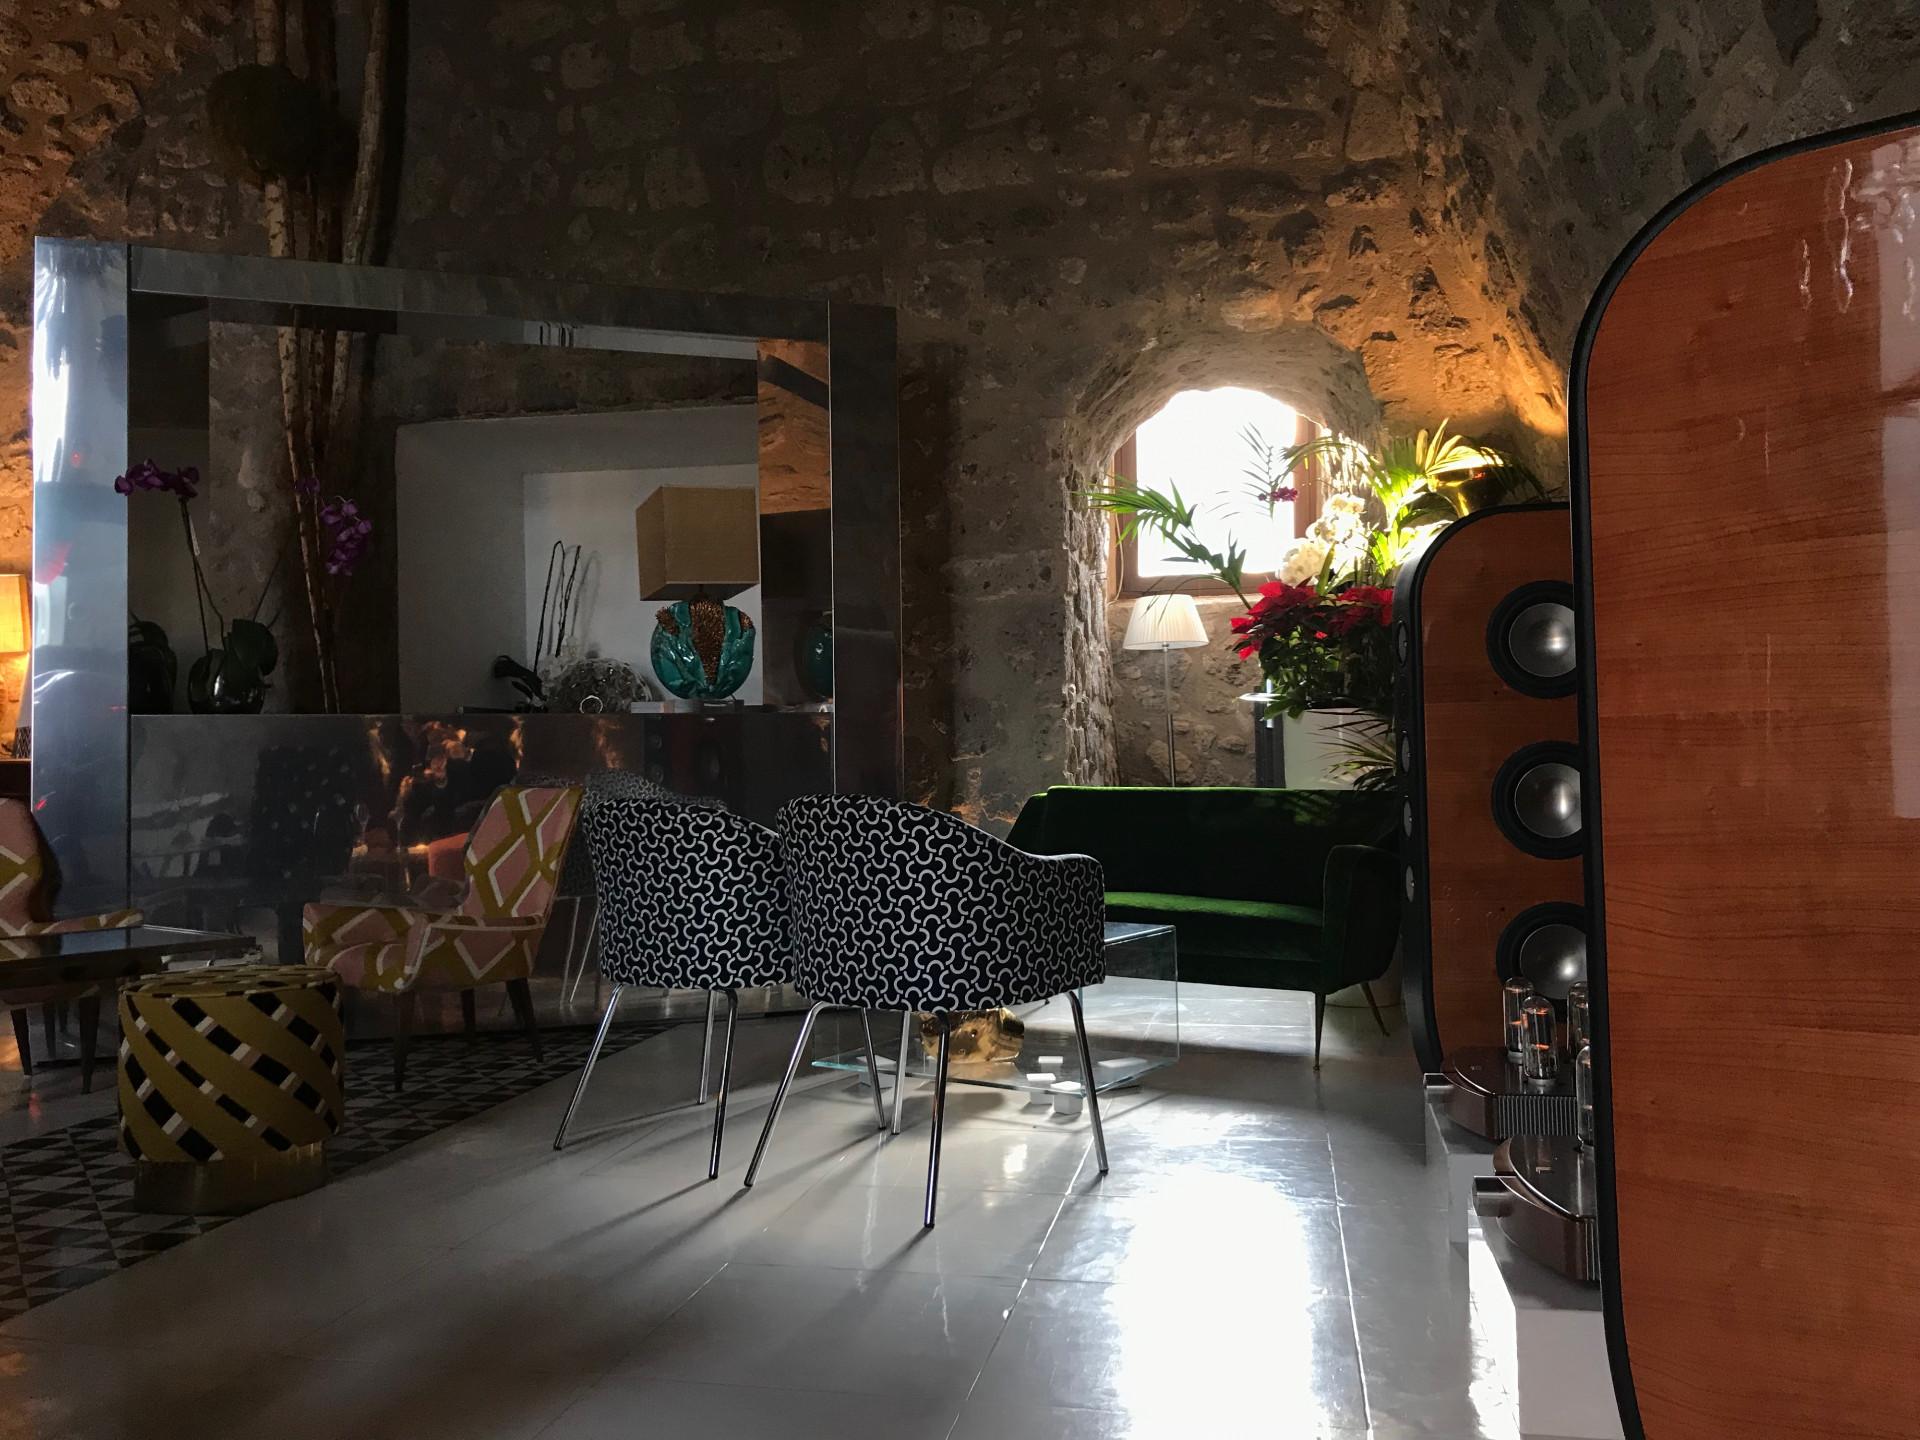 Torre, Torre del Saracino, Gennaro Esposito, Vico Equense, Campania